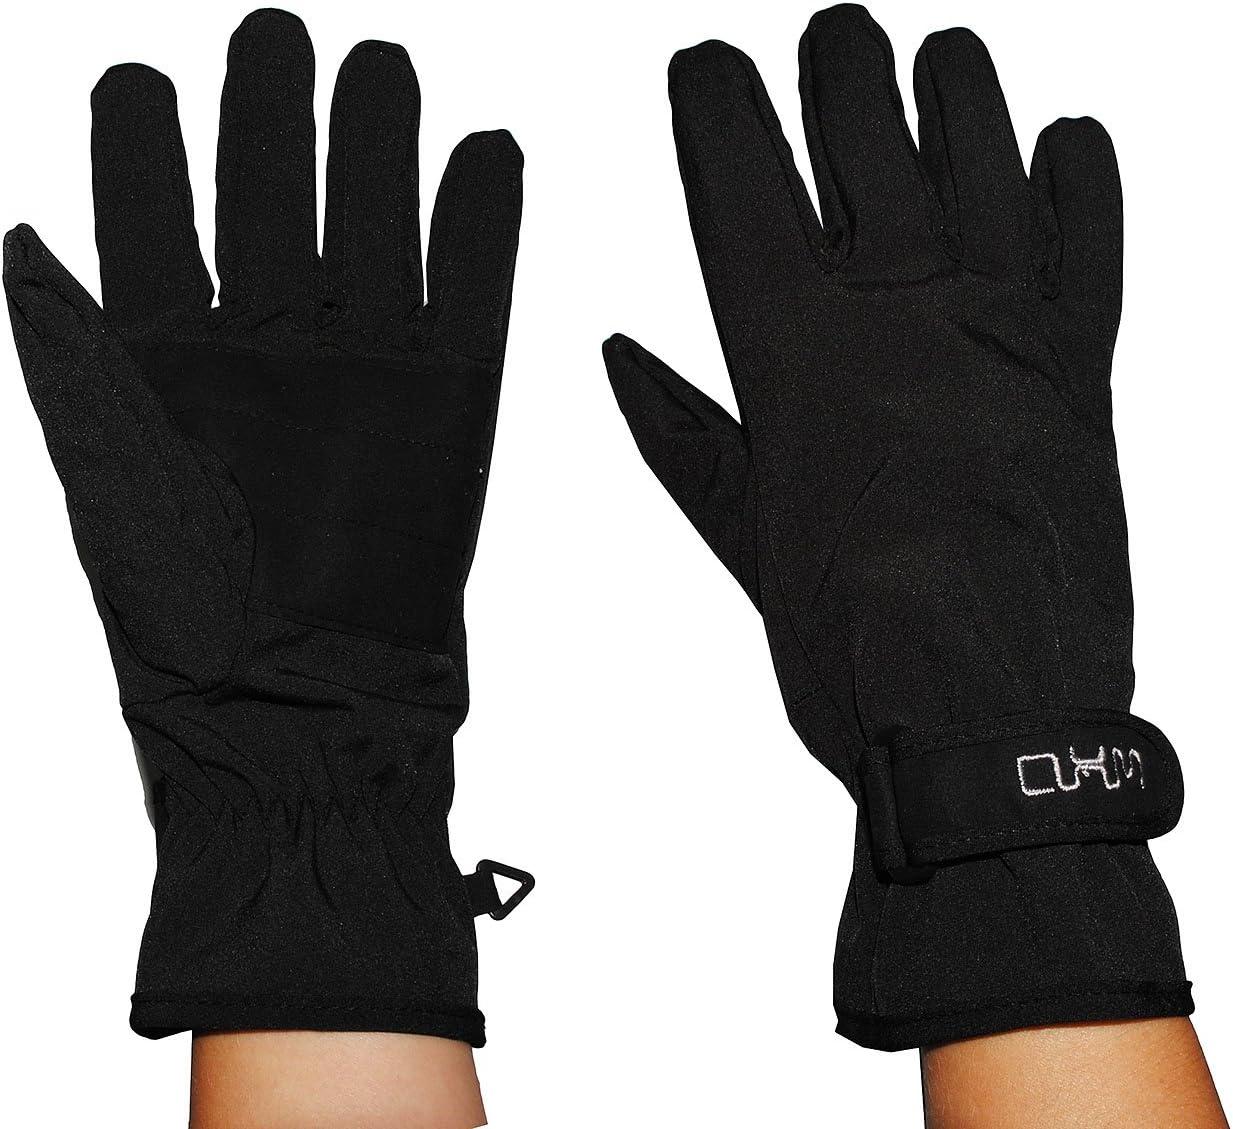 alles-meine.de GmbH Fingerhandschuhe Softshell schwarz Gr/ö/ße: 10 bis 15 Jahre Thermo gef/üttert mit Fleece atmungsaktiv Soft Shell -.. d/ünner Thermohandschuh wasserdicht